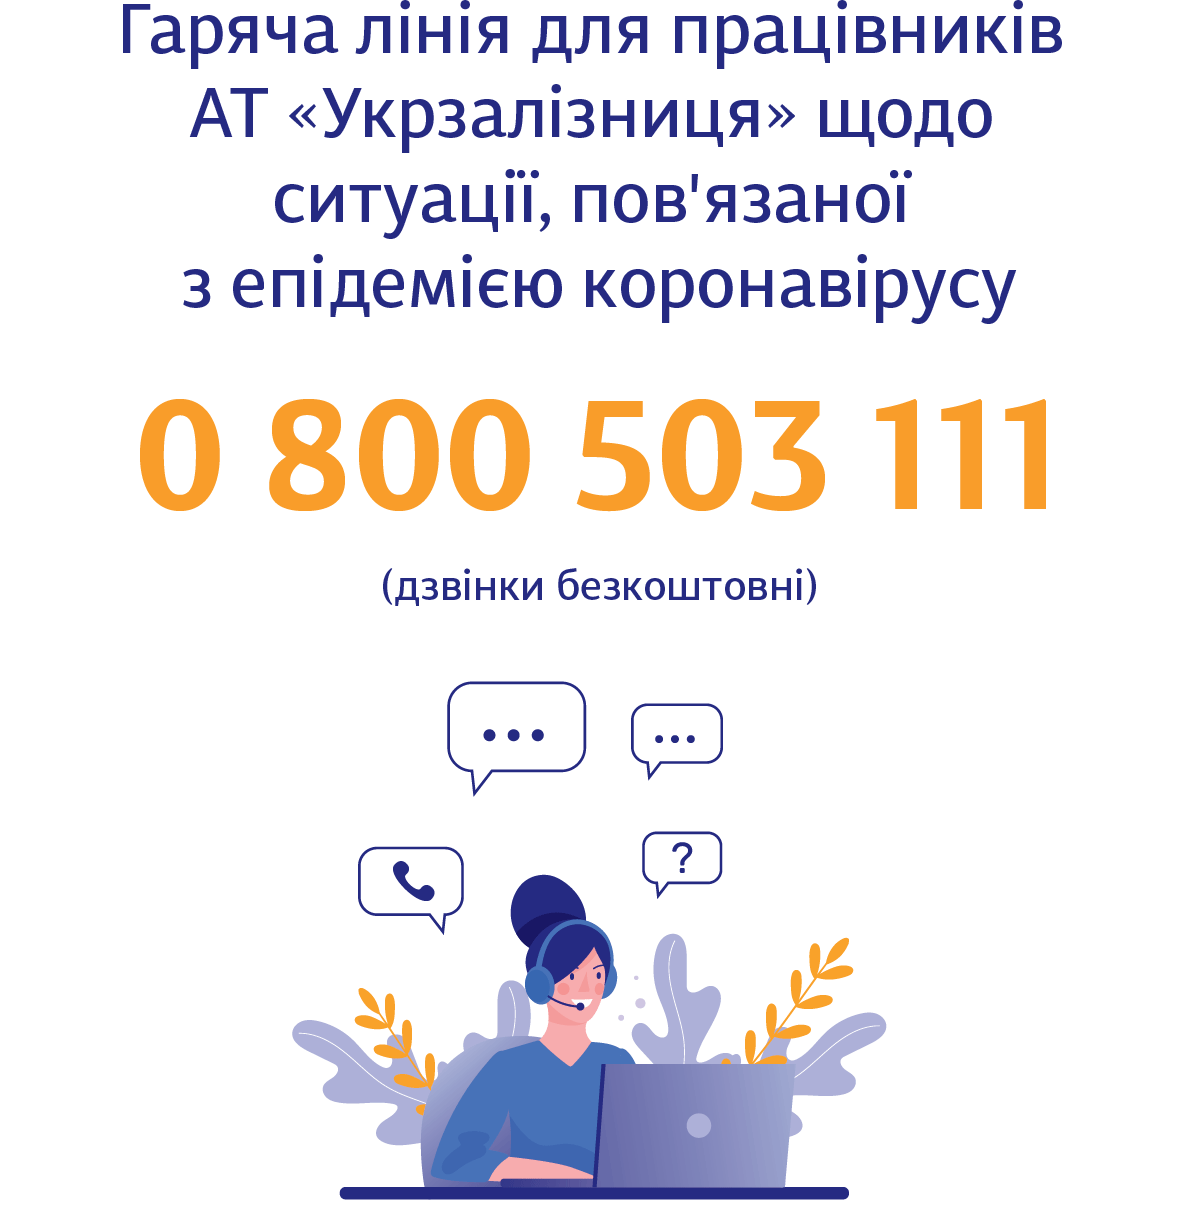 dp.uz.gov.ua: Укрзалізниця відкрила для працівників гарячу лінію щодо коронавірусу